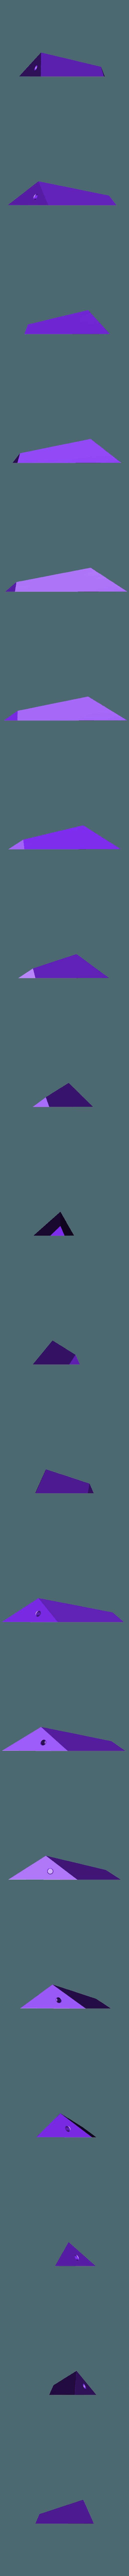 left_leg.stl Télécharger fichier STL gratuit Porte-casque • Plan pour imprimante 3D, marcossierra